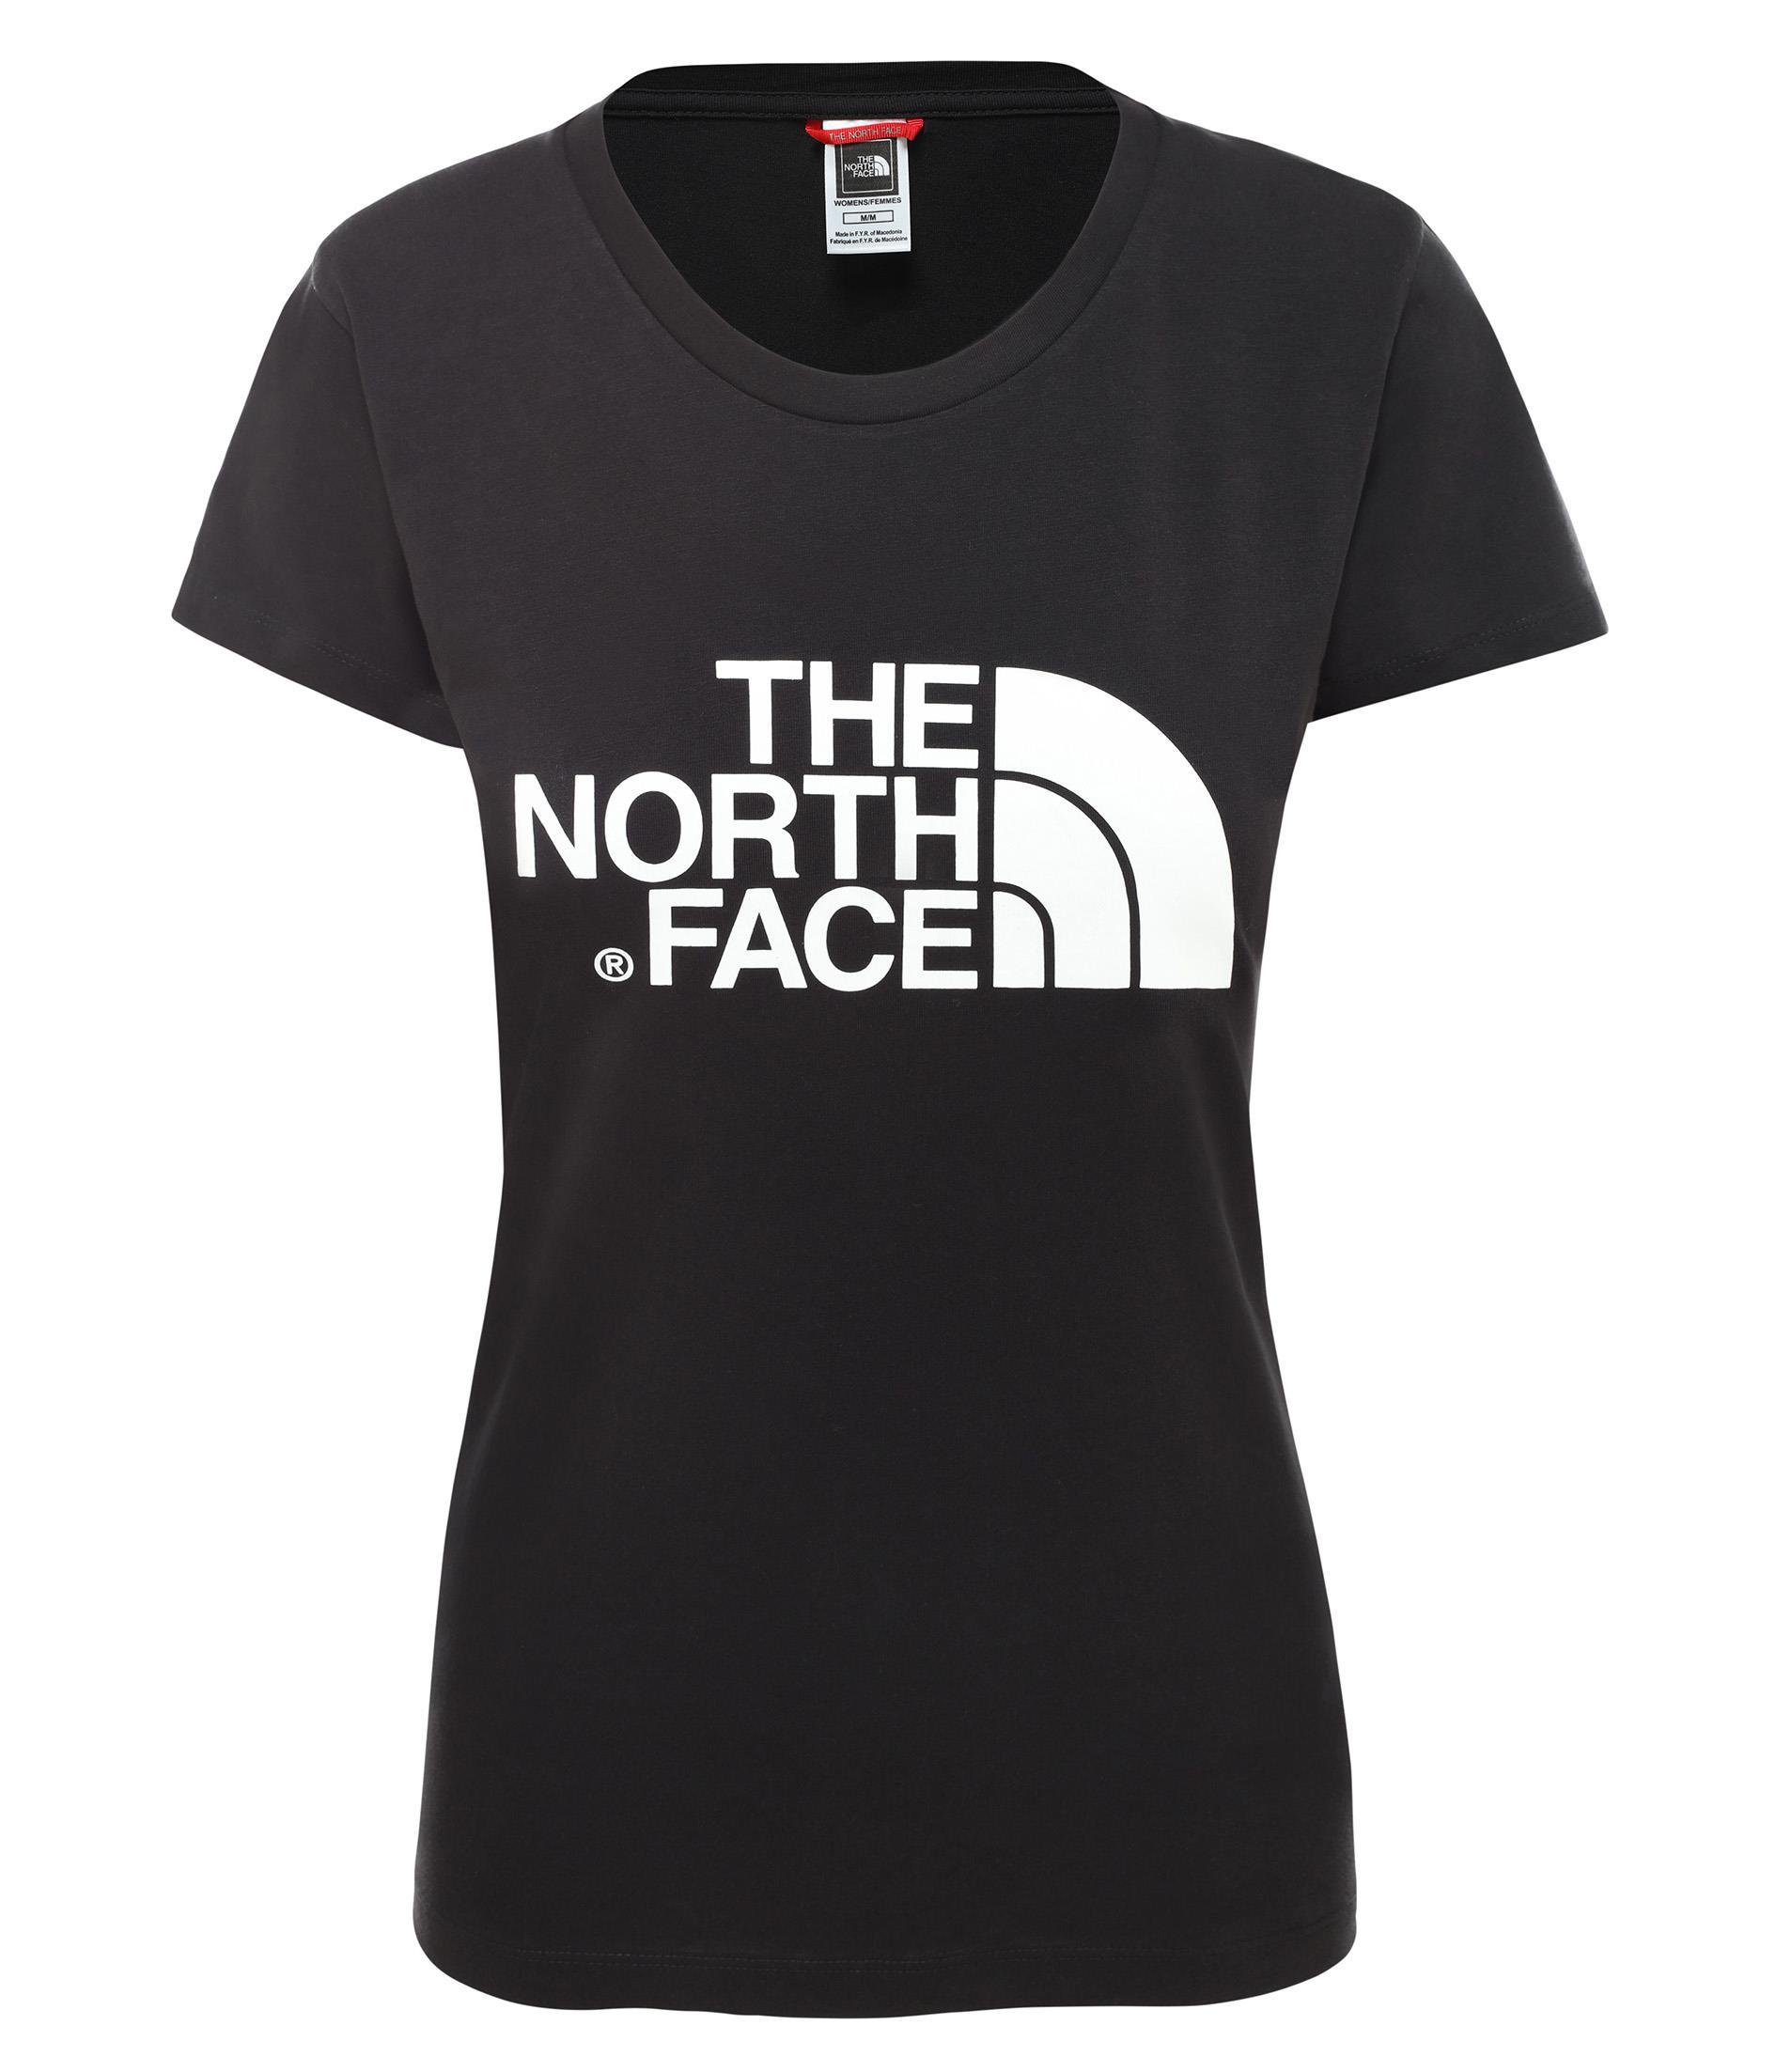 The Northface Kadın S/S Easy Tee T0C256Jk3 Tişört